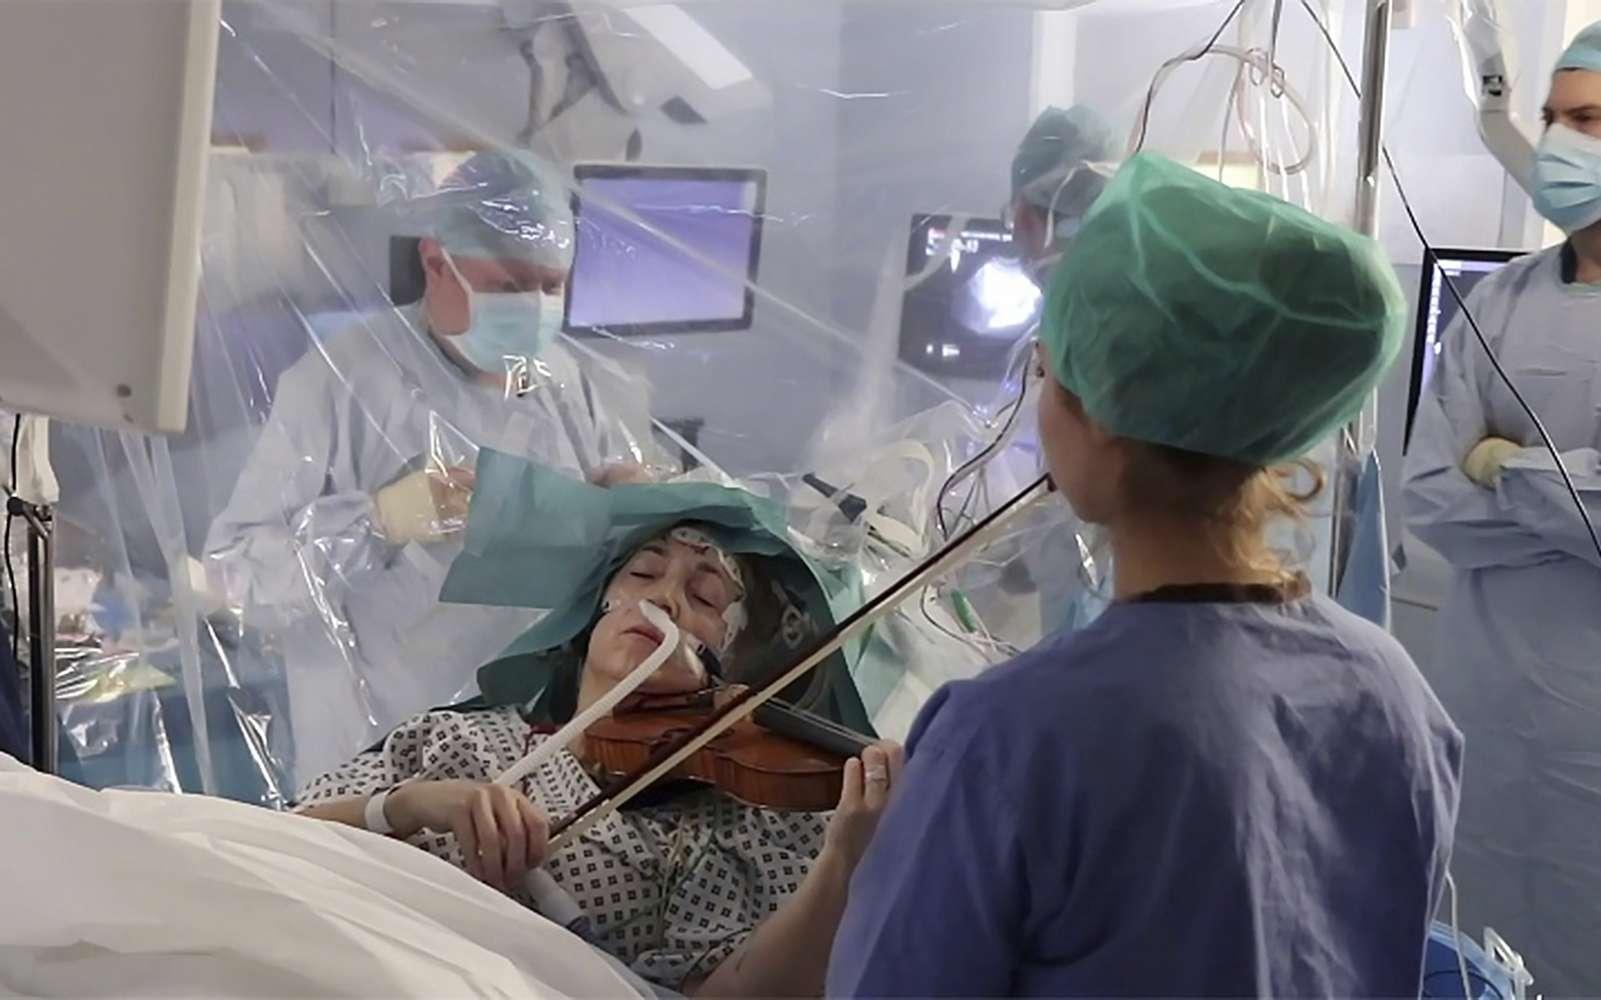 Une violoniste joue pendant son opération du cerveau pour guider les chirurgiens afin de sauver sa main. © King's College Hospital, AFP